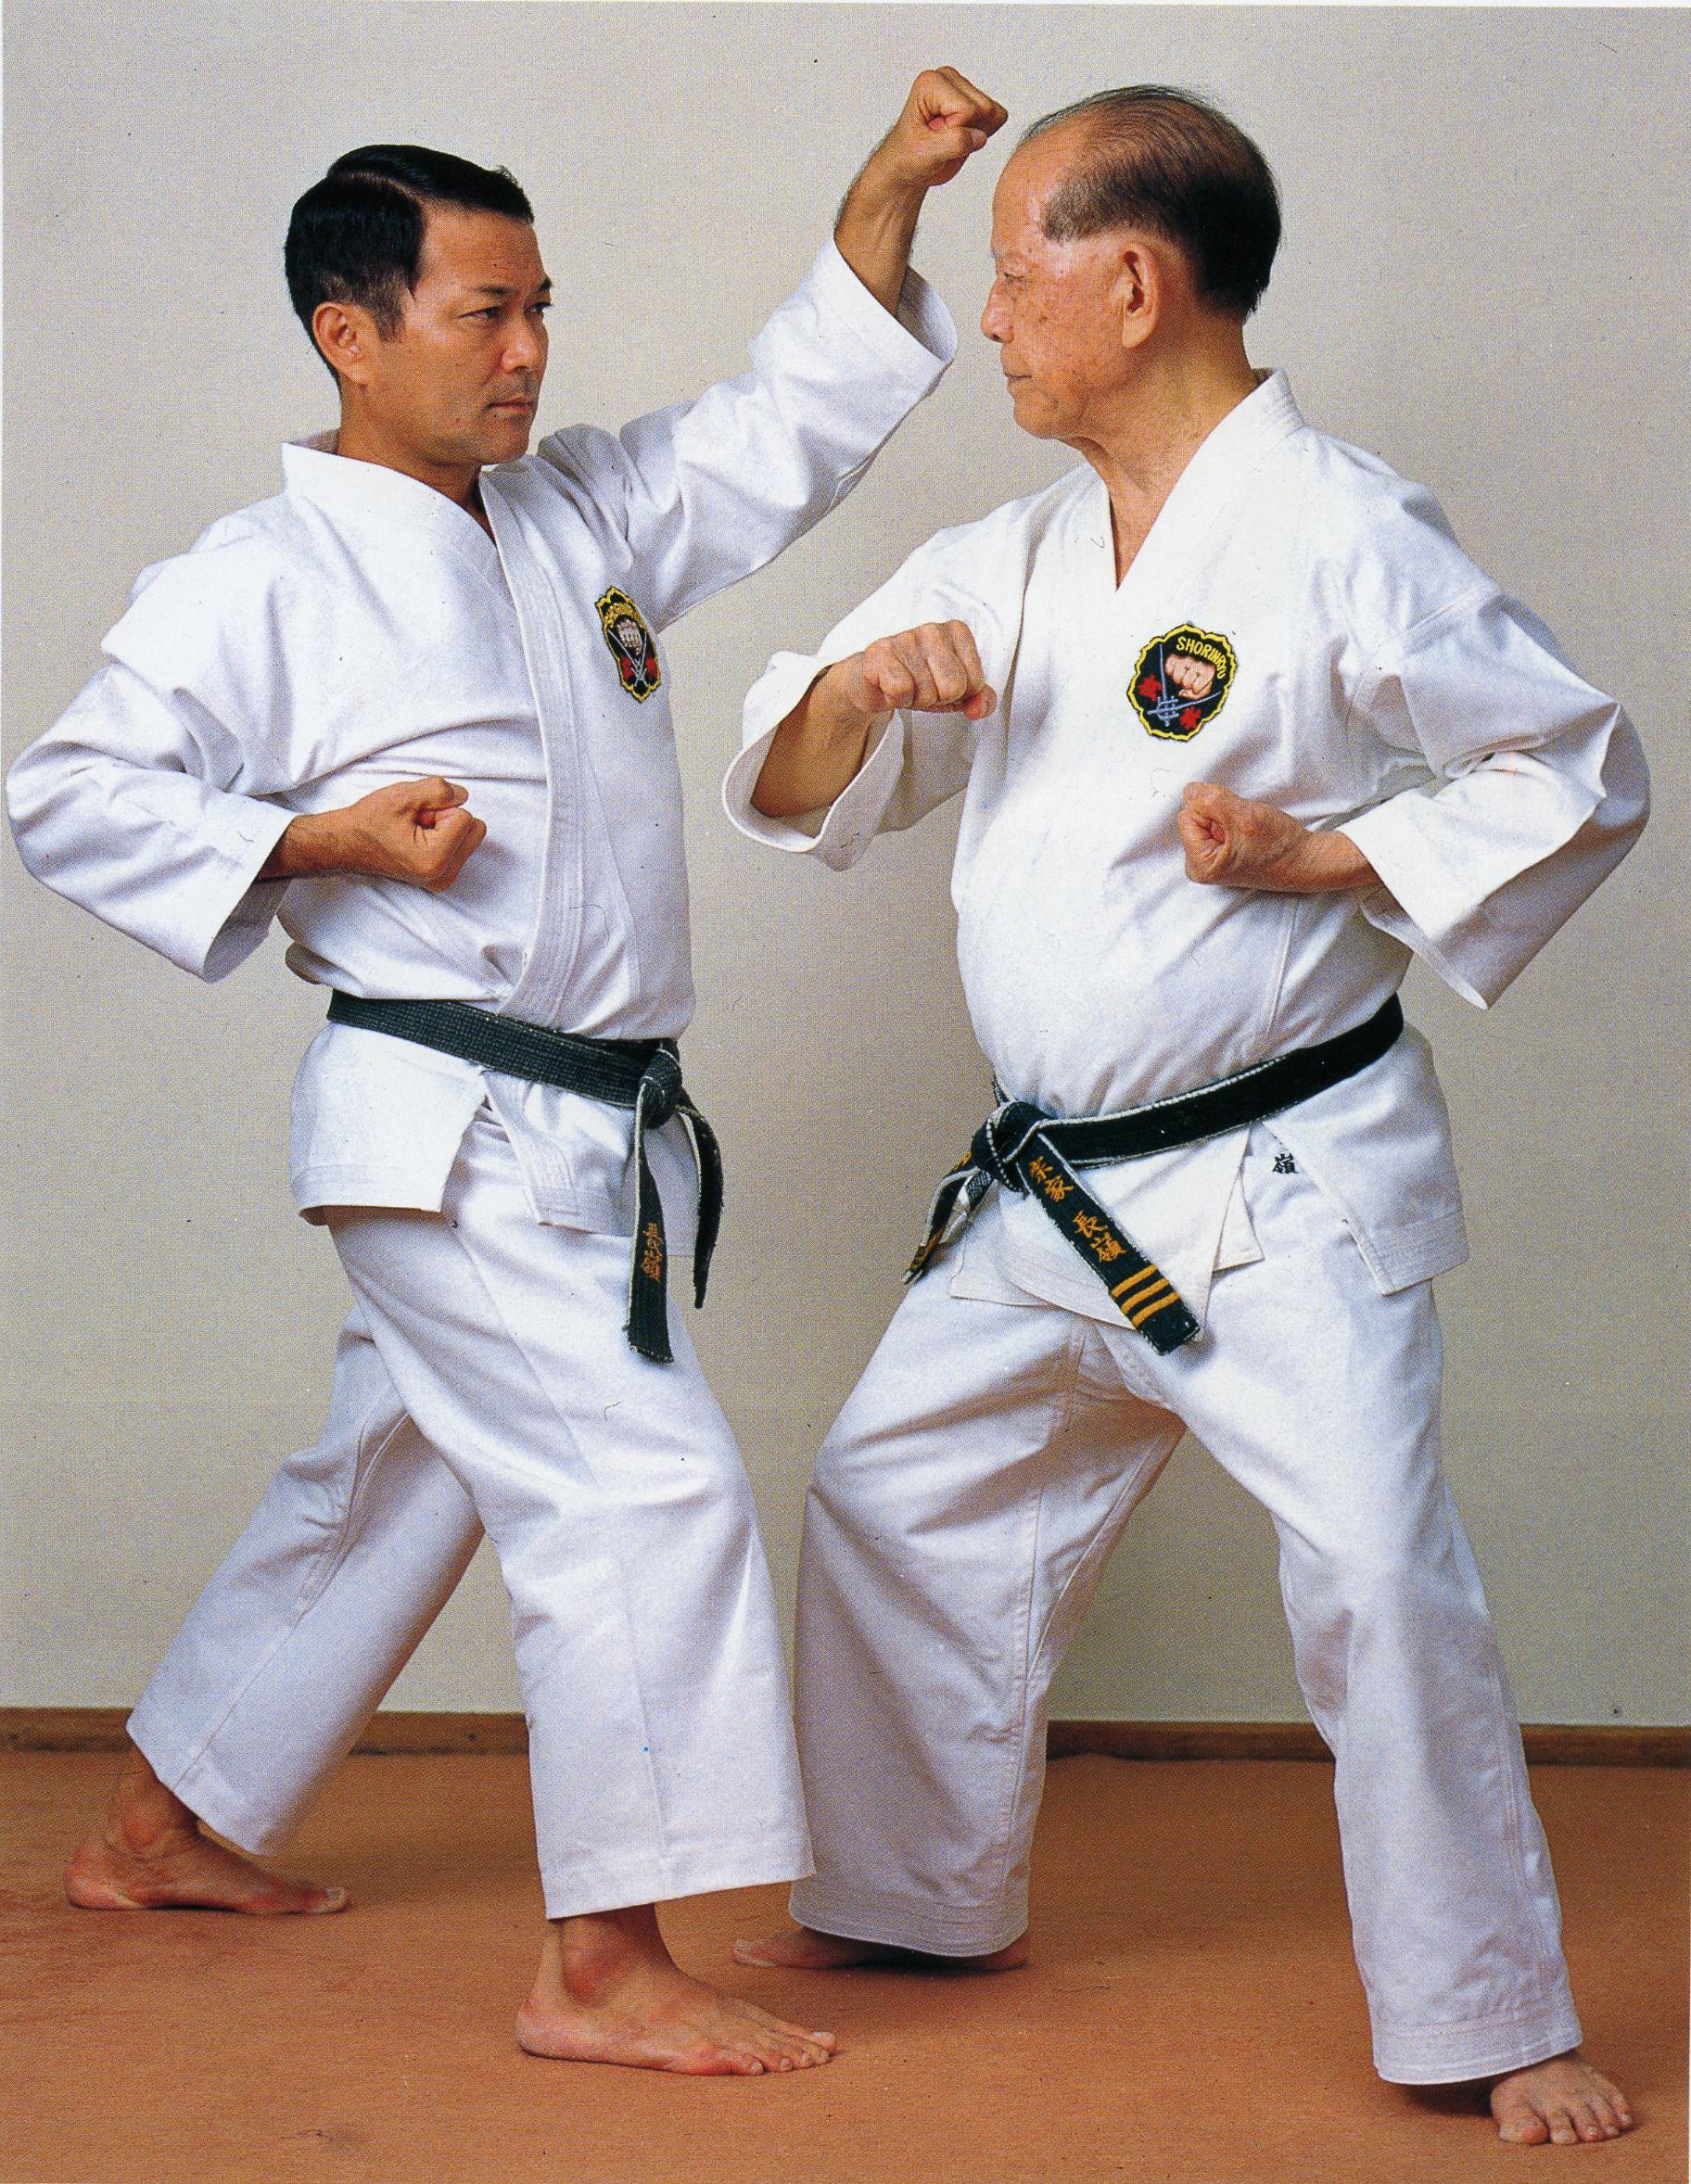 Hanshi and Soke perform yakasoku kumite #3